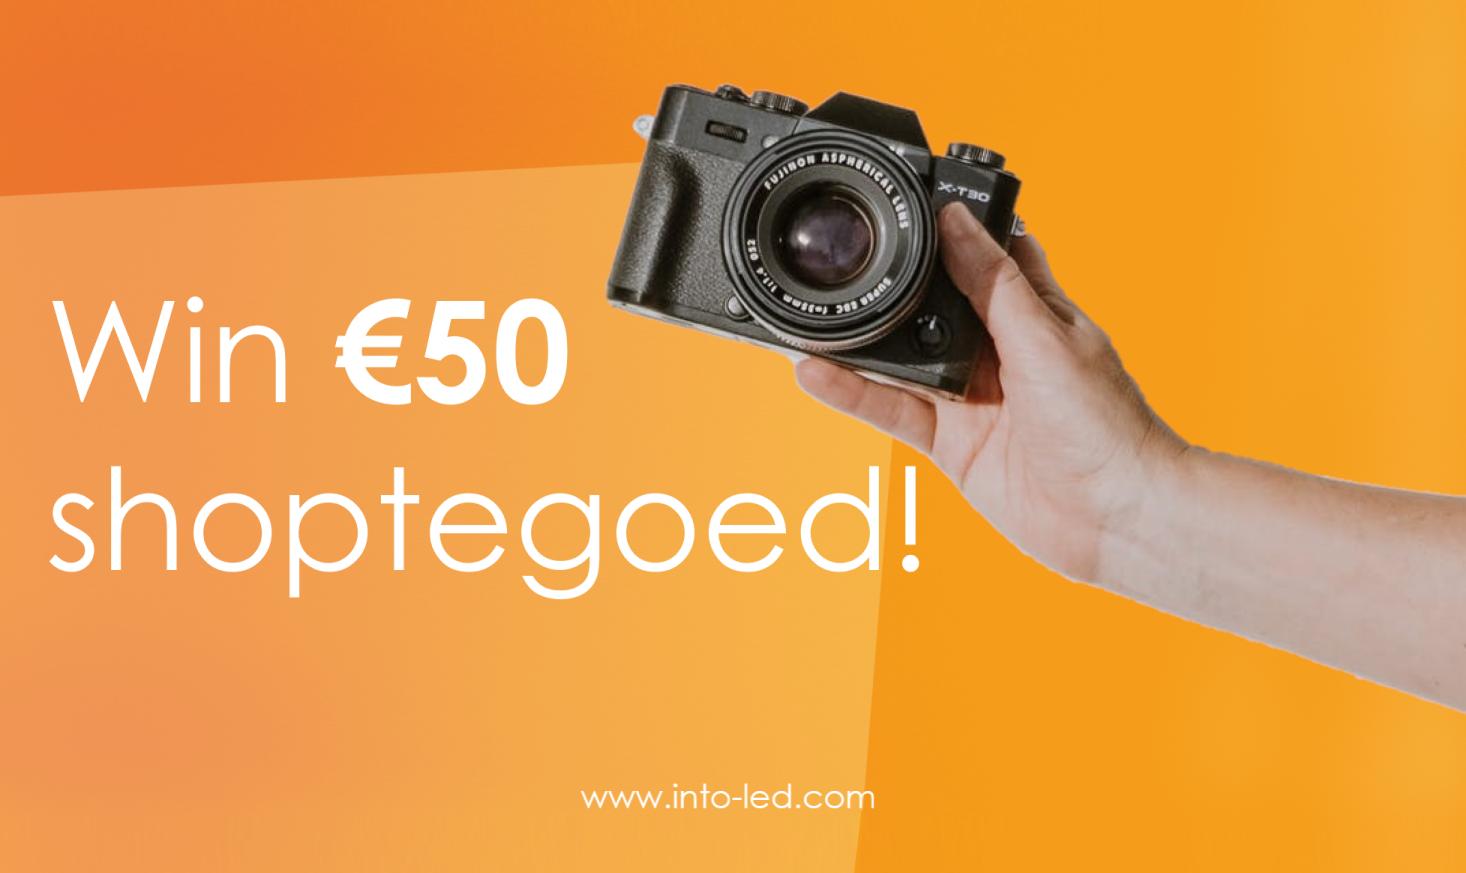 Wil jij kans maken op €50 shoptegoed?